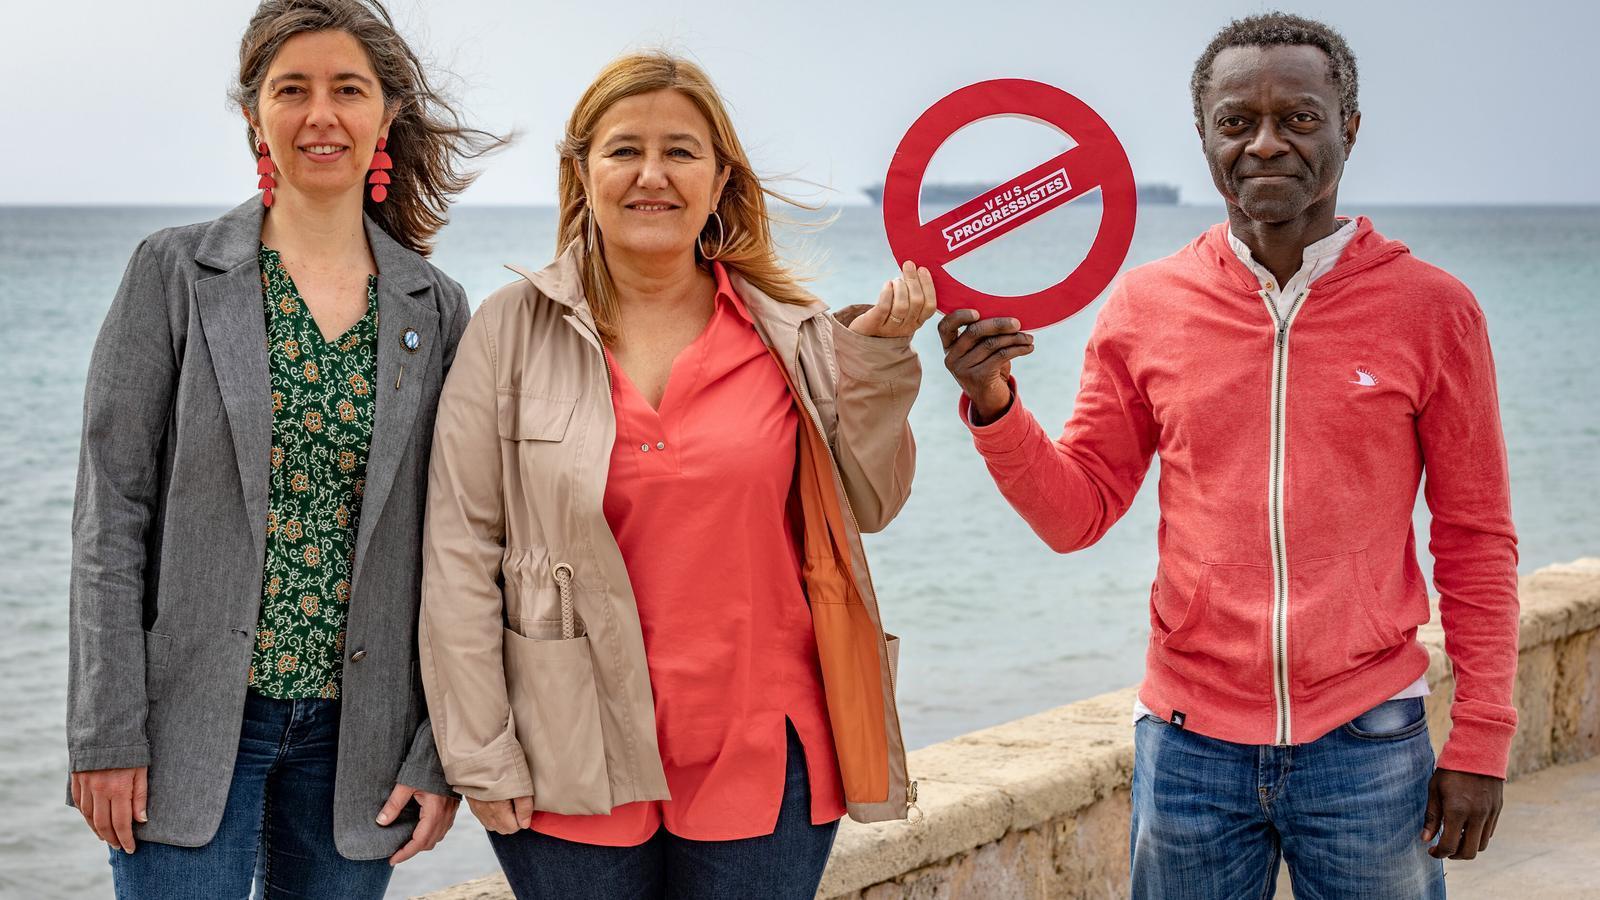 Neus Truyol, Rosa Cursach i Guillem Balboa.